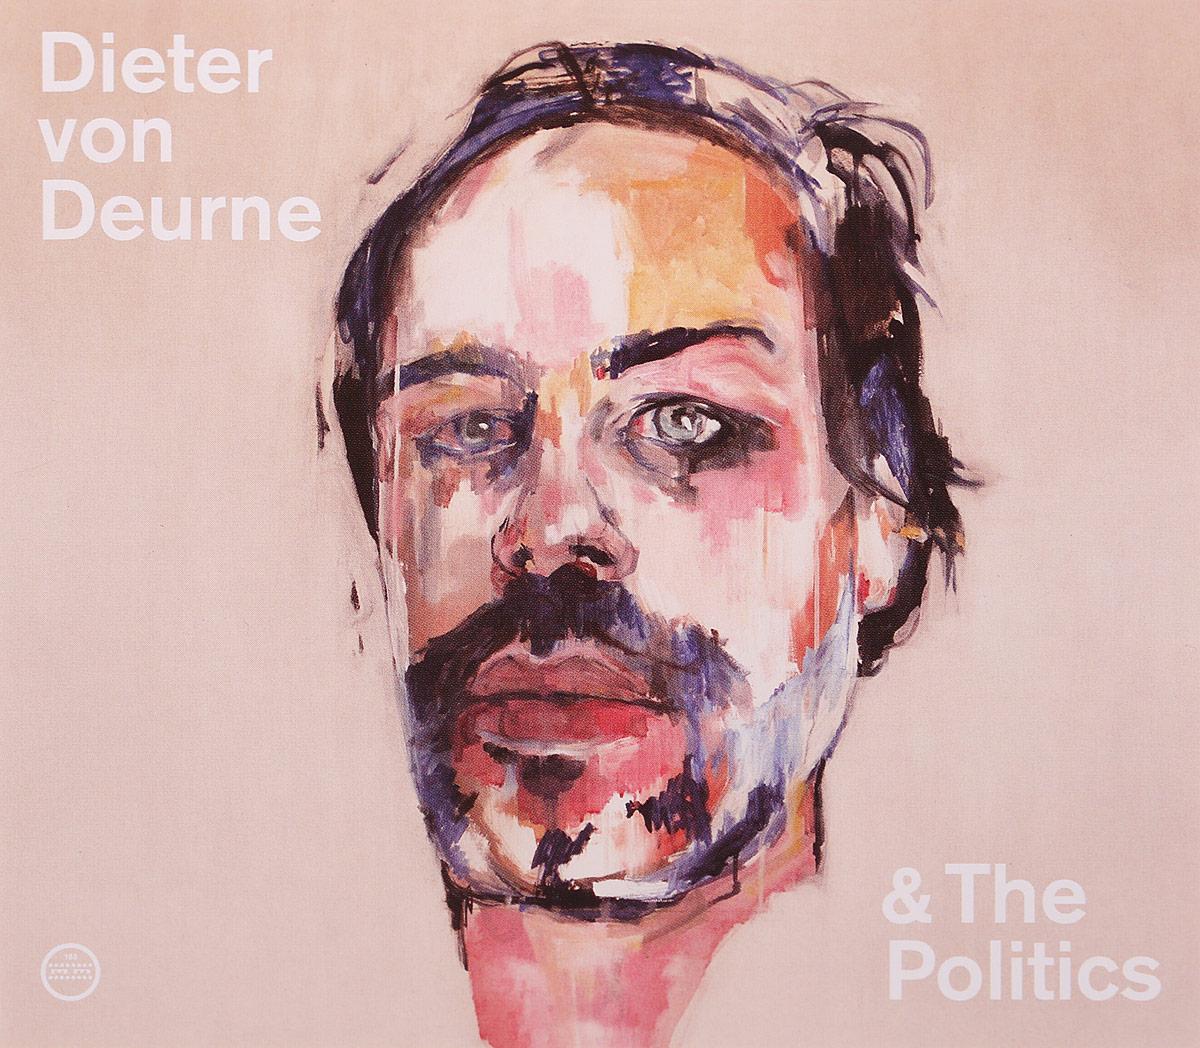 Dieter Von Deurne And The Politics Dieter Von Deurne And The Politics. Dieter Von Deurne And The Politics цены